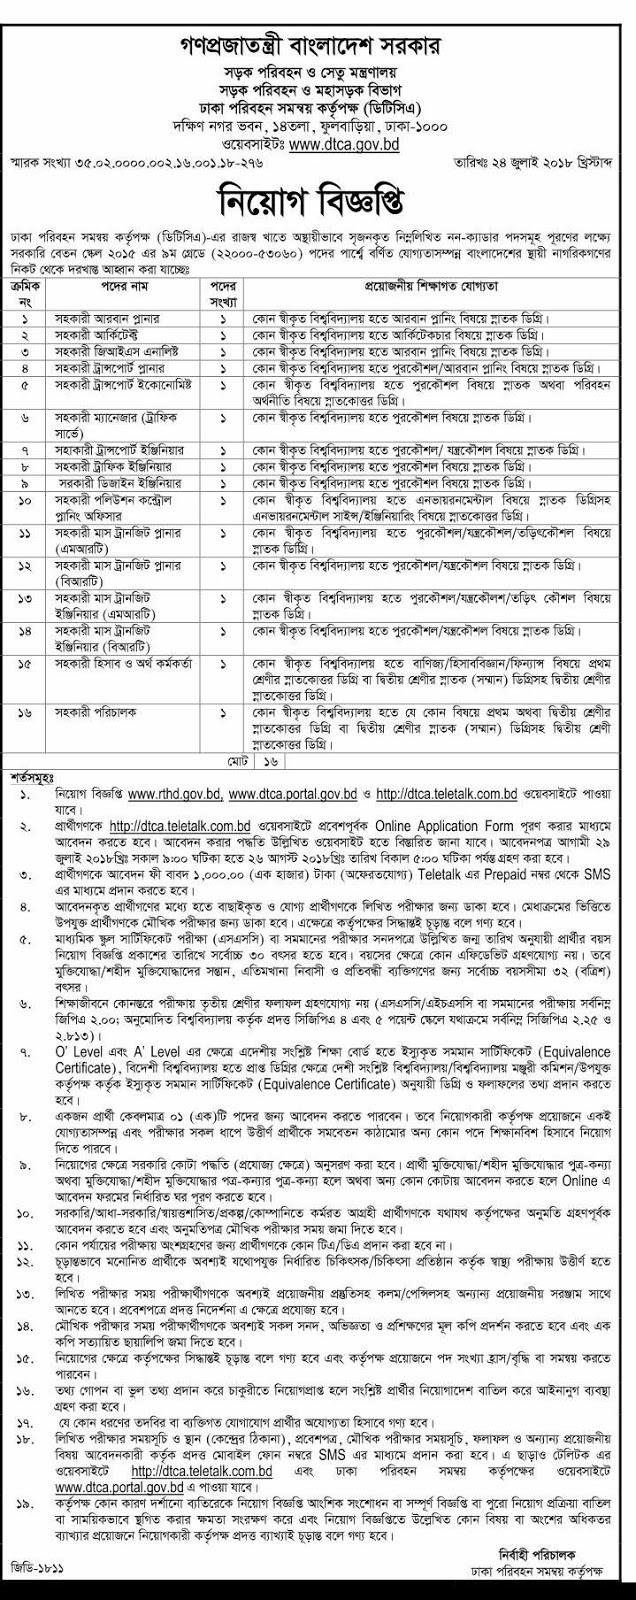 Dhaka Transport Co-ordination Authority (DTCA) Job Circular 2018